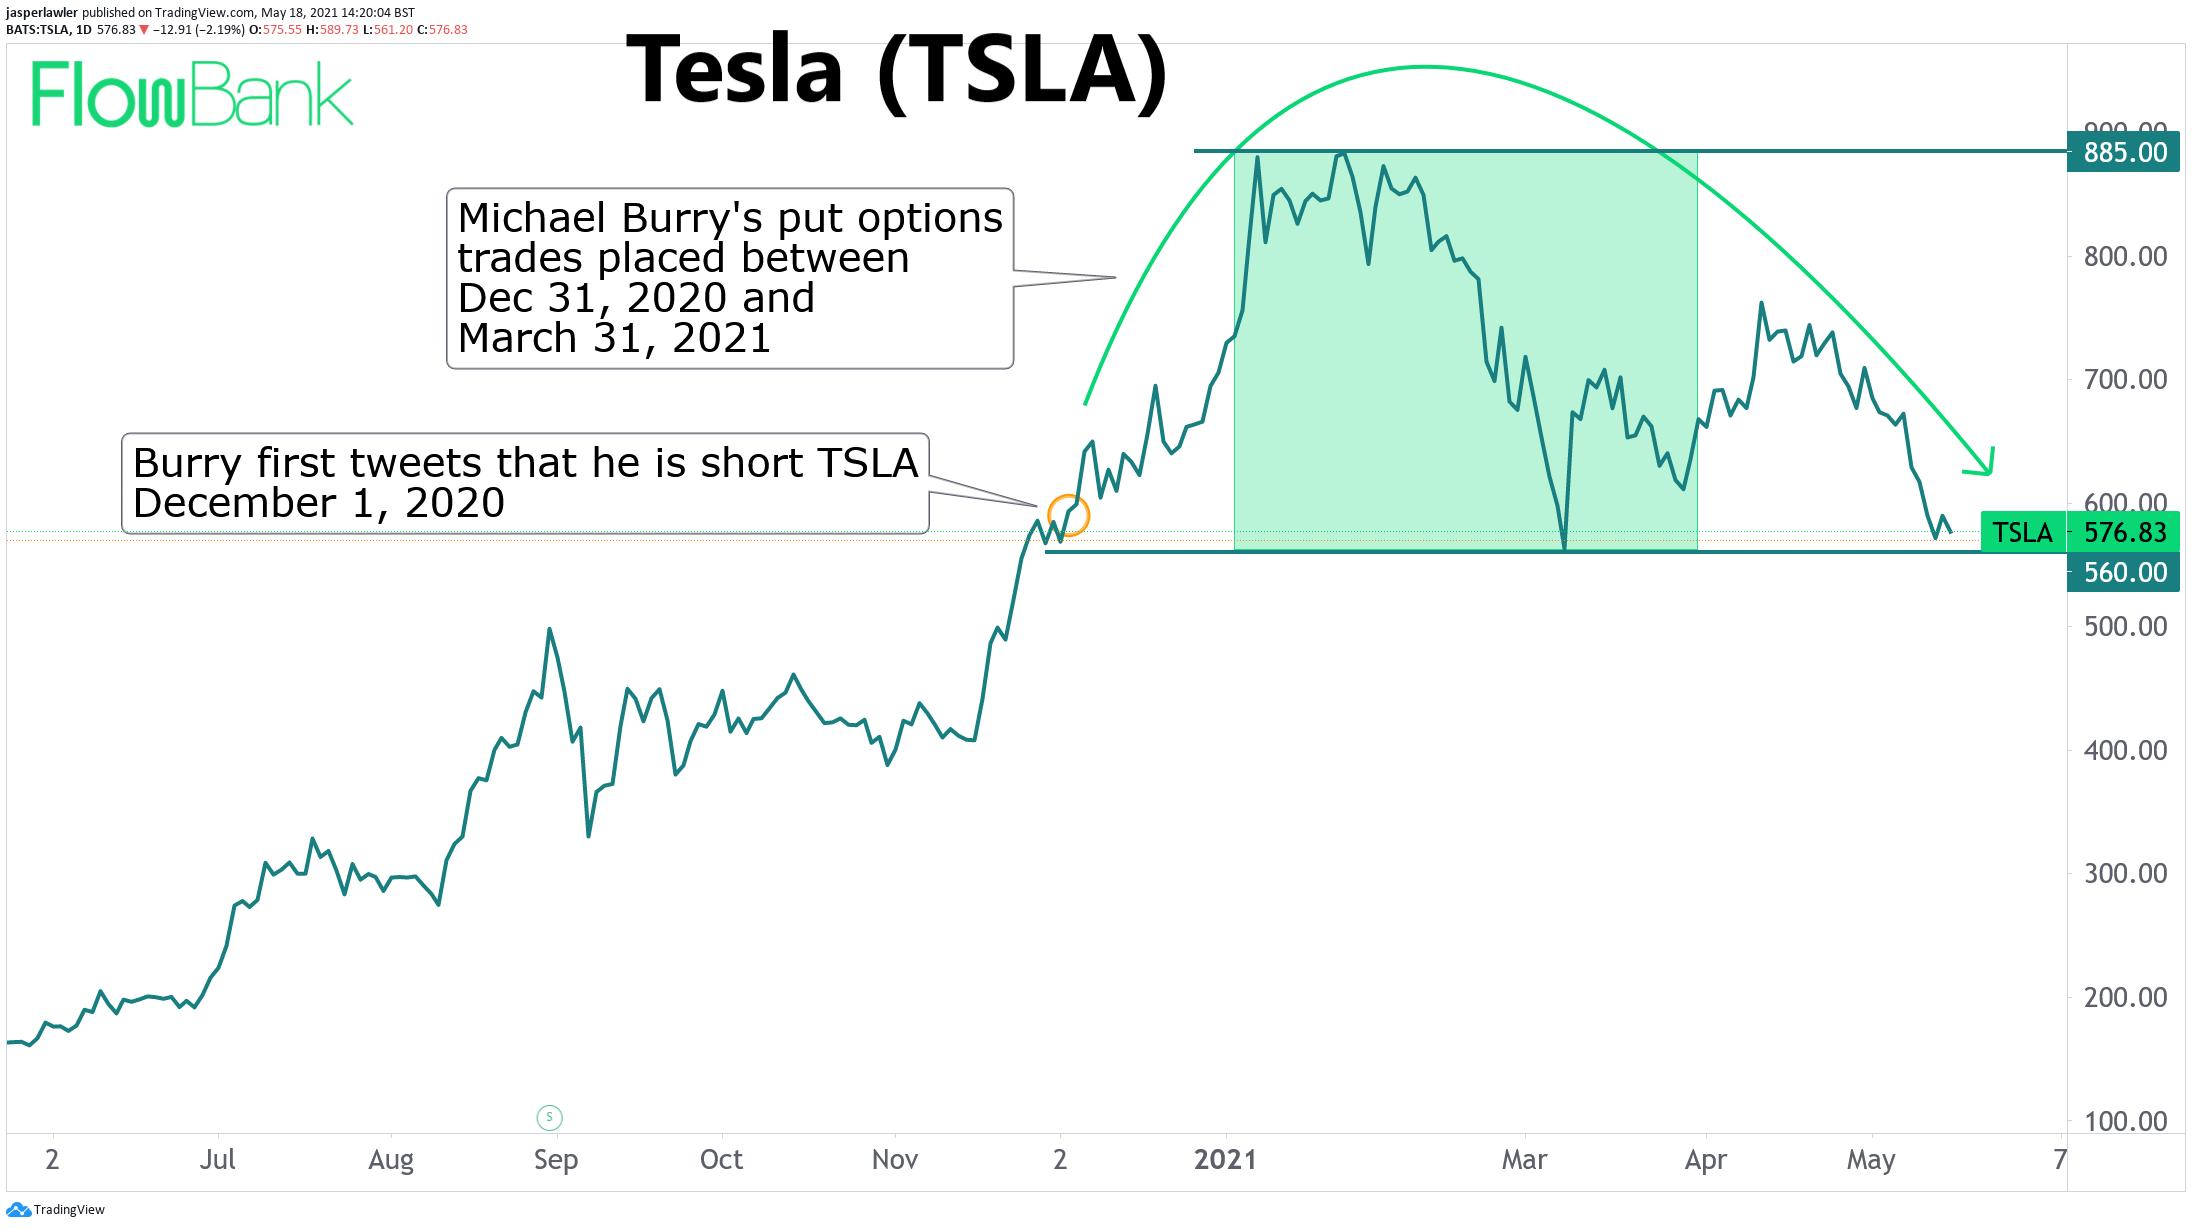 Burry TSLA short